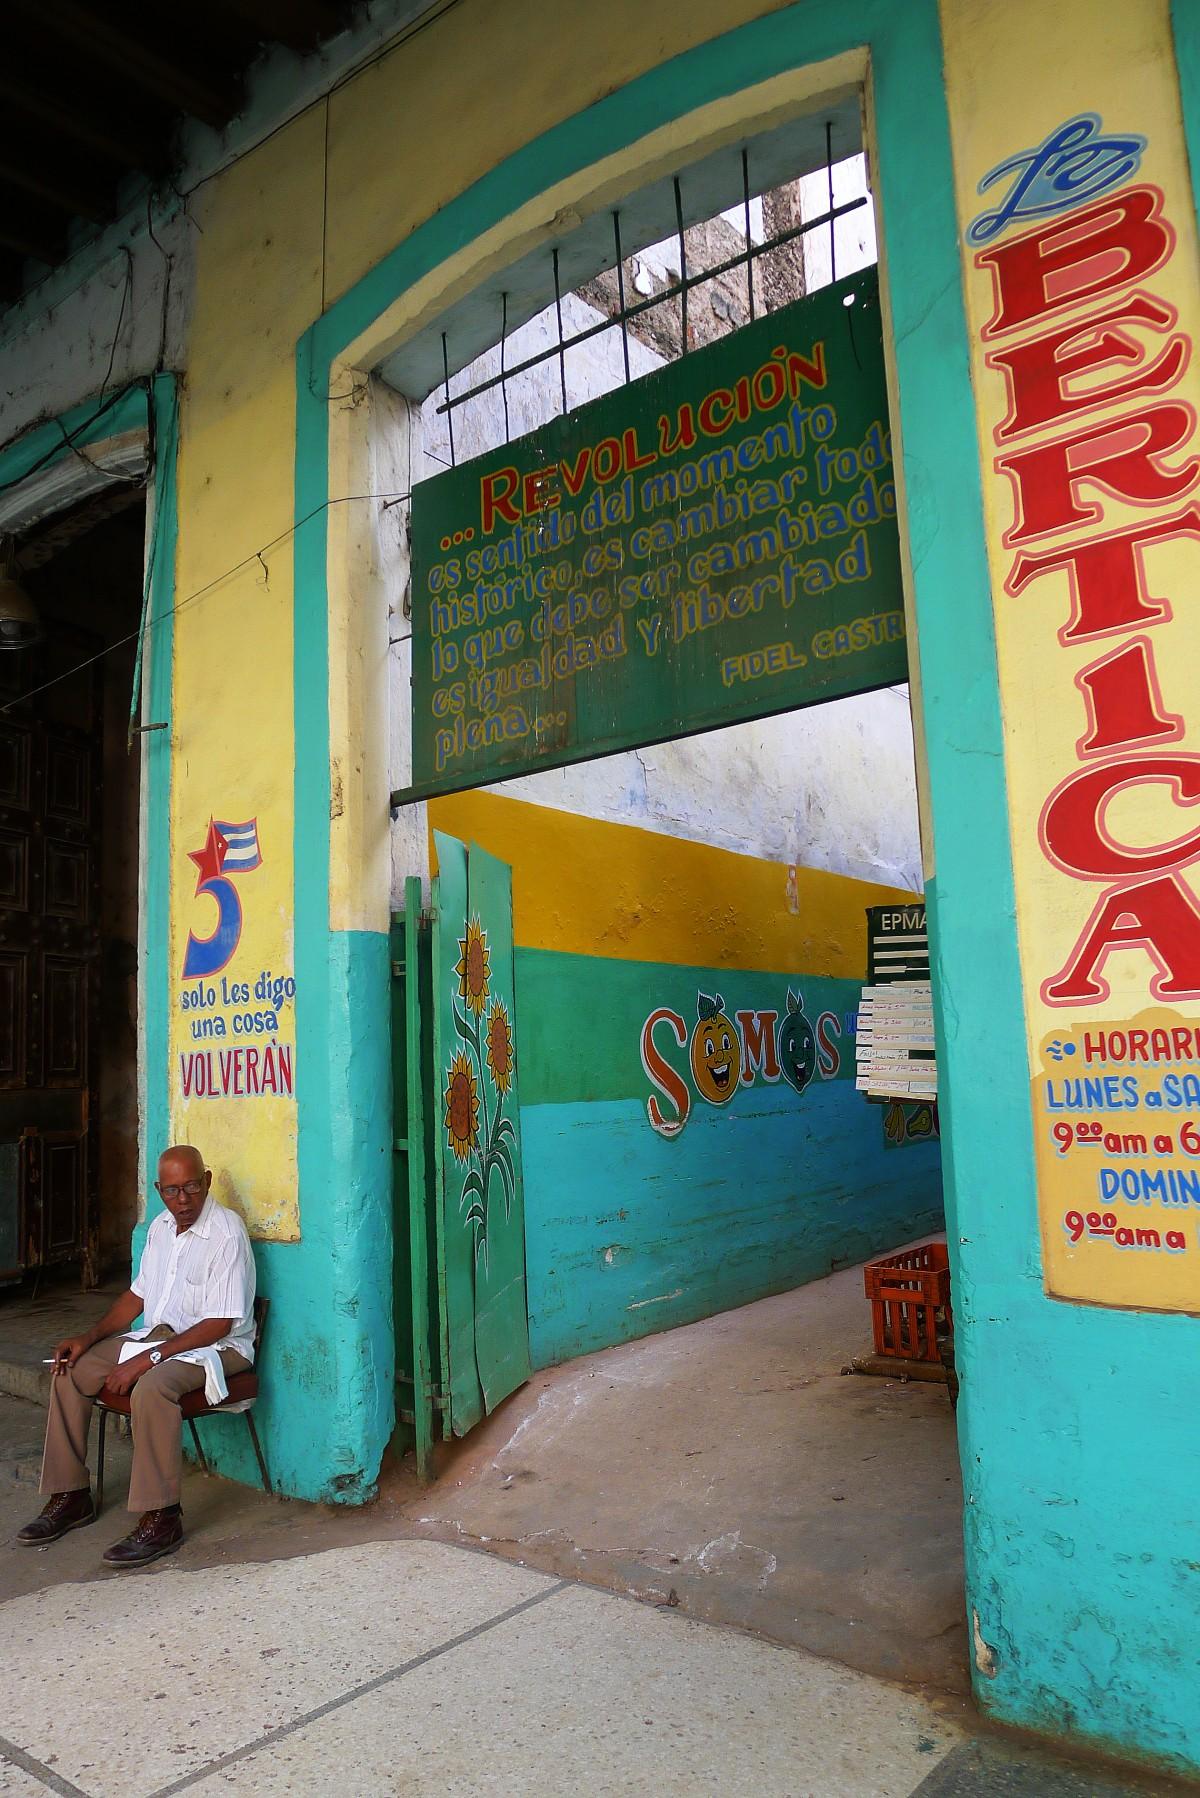 En statlig matmarknad i Havanna, med kommunistiskt budskap från Castro målat över porten. Foto: Erik Bergin